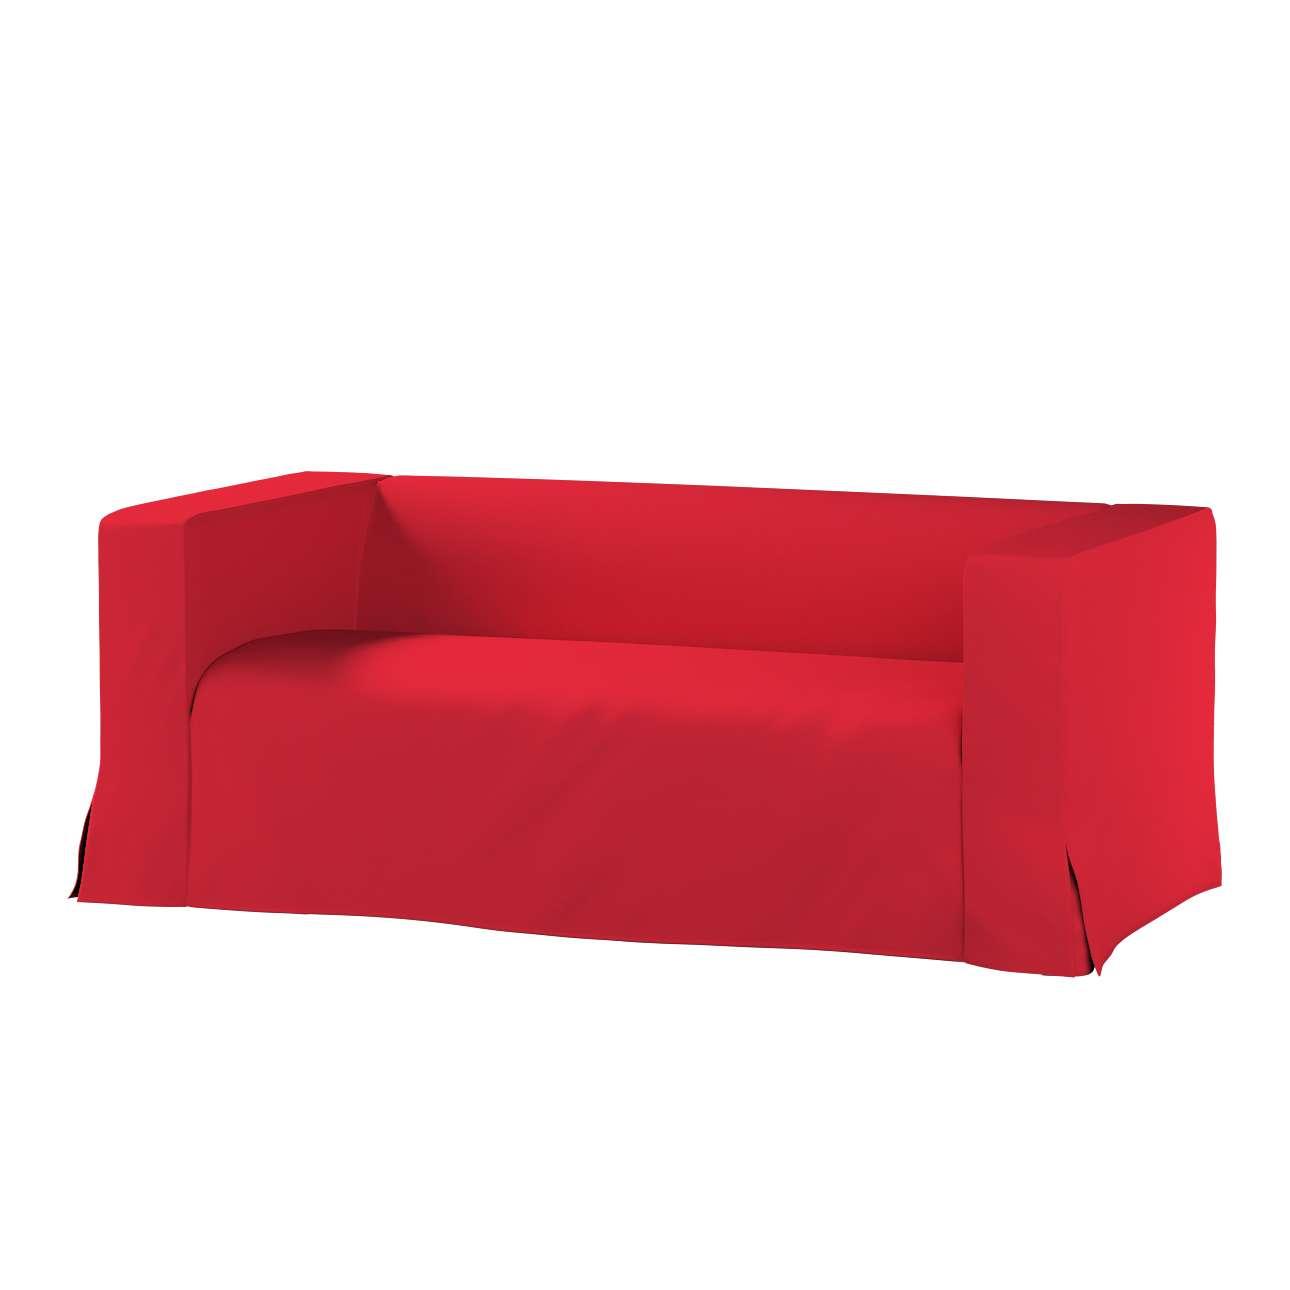 Klippan dvivietės sofos užvalkalas (ilgas, iki žemės) Klippan dvivietės sofos užvalkalas (ilgas, iki žemės) kolekcijoje Cotton Panama, audinys: 702-04